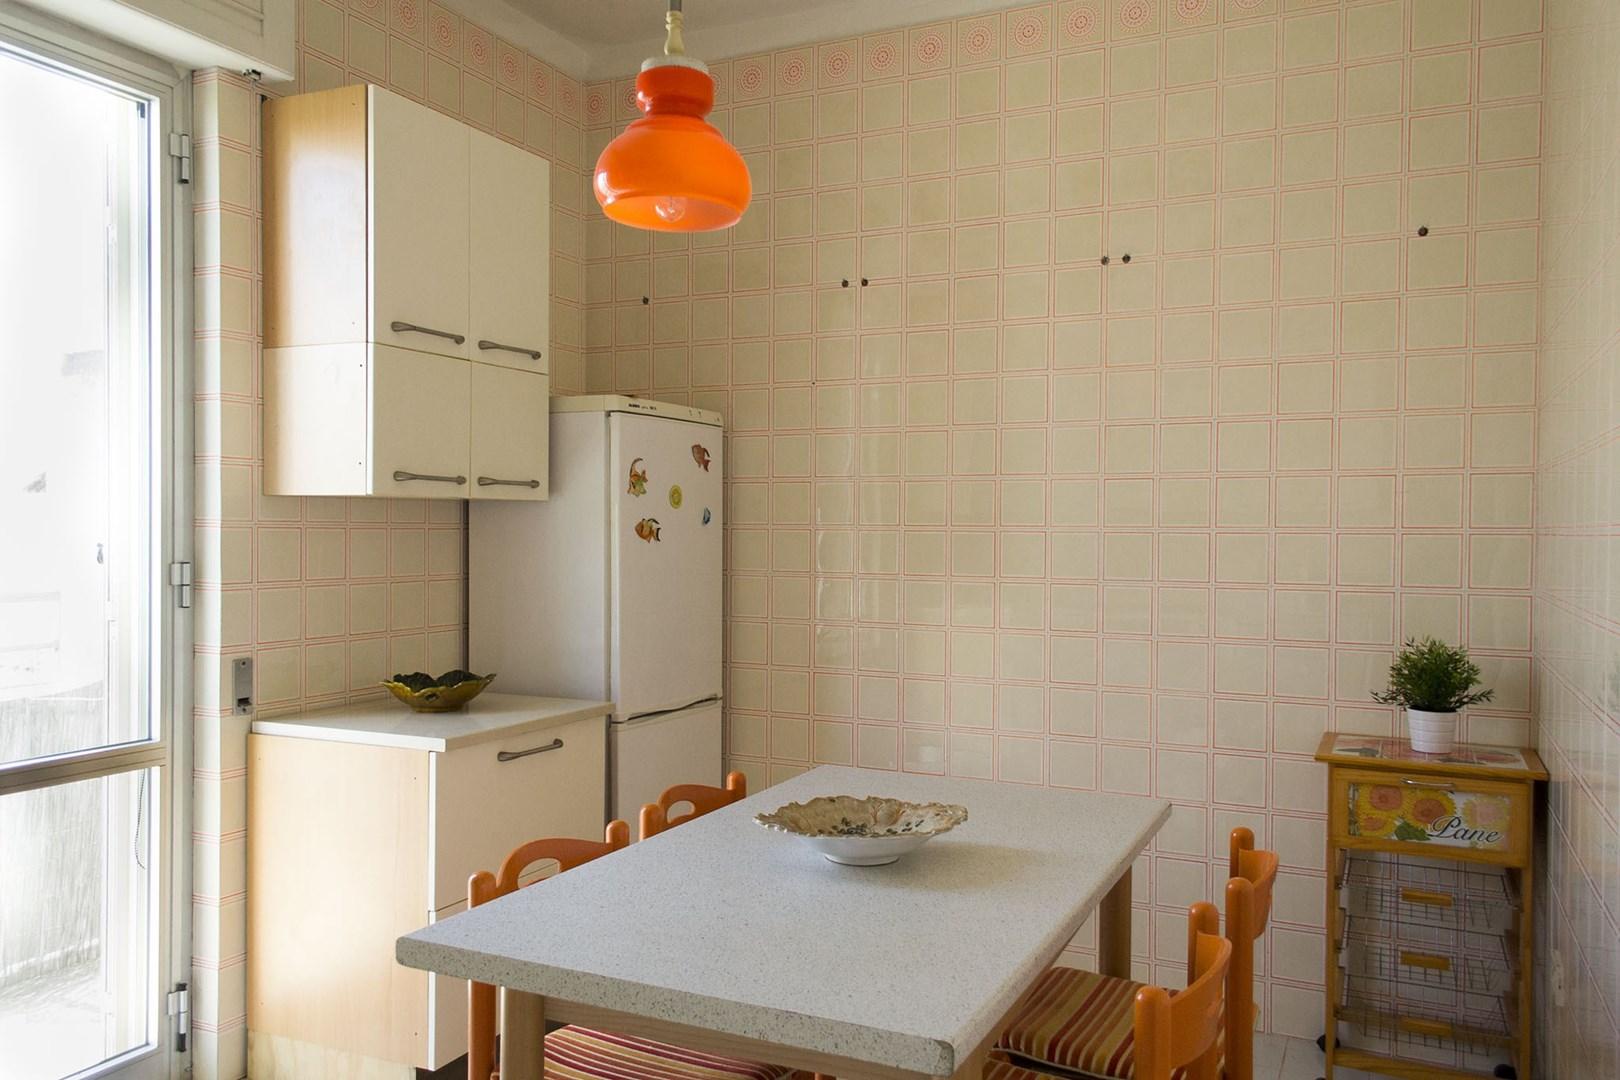 508_appartamento-lenin_cucina_2.jpg